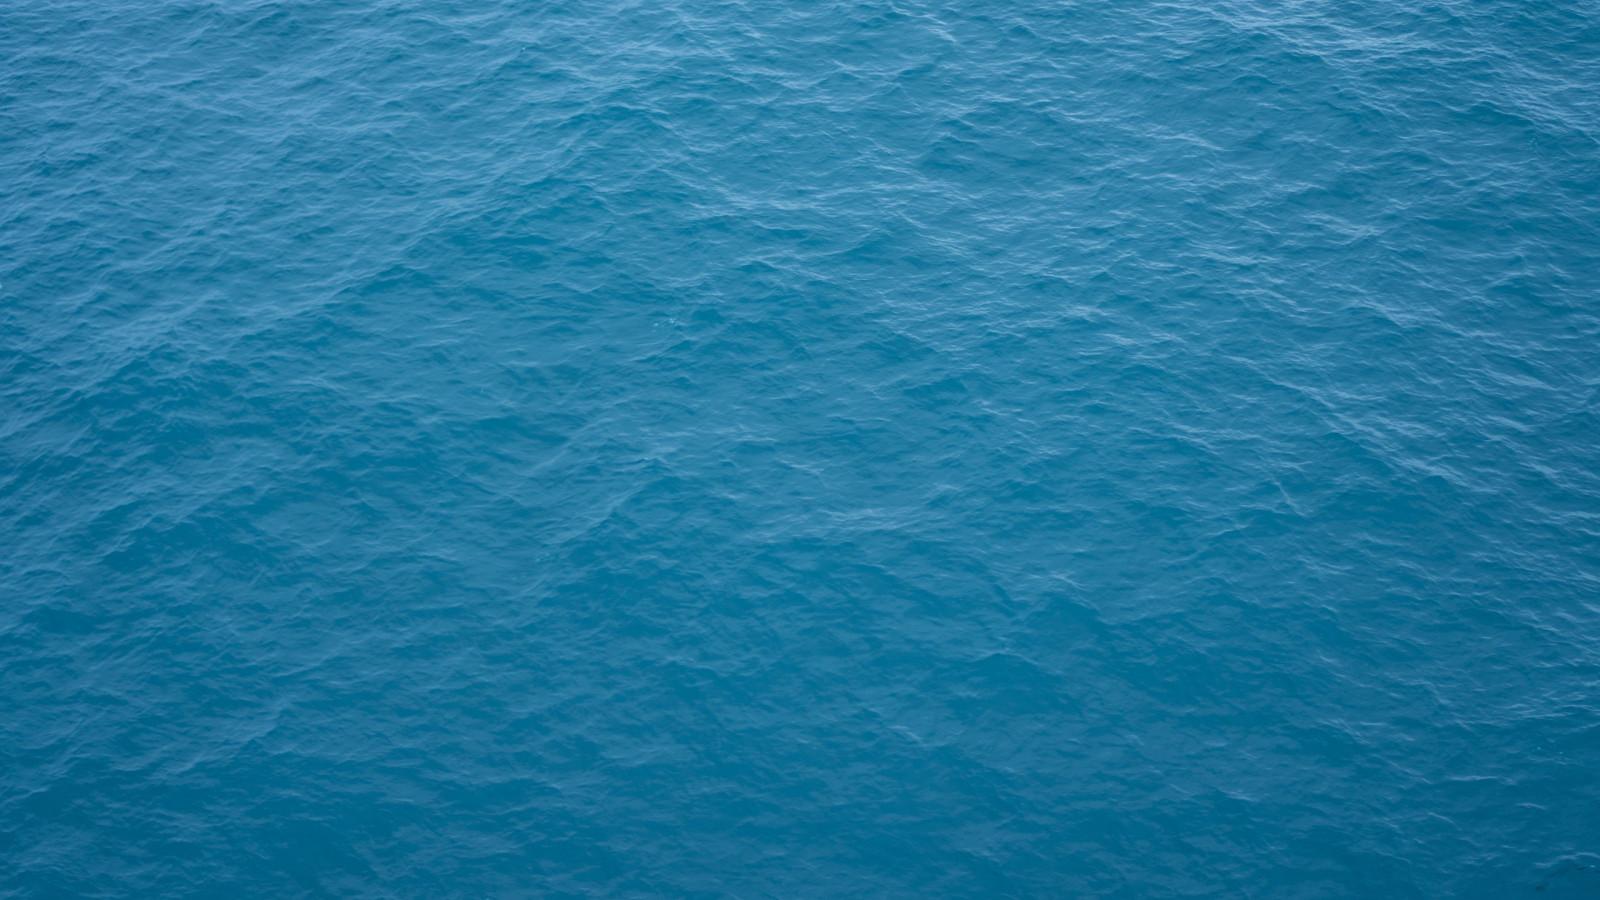 Sfondi Mare Acqua Cielo Calma Blu Struttura Orizzonte